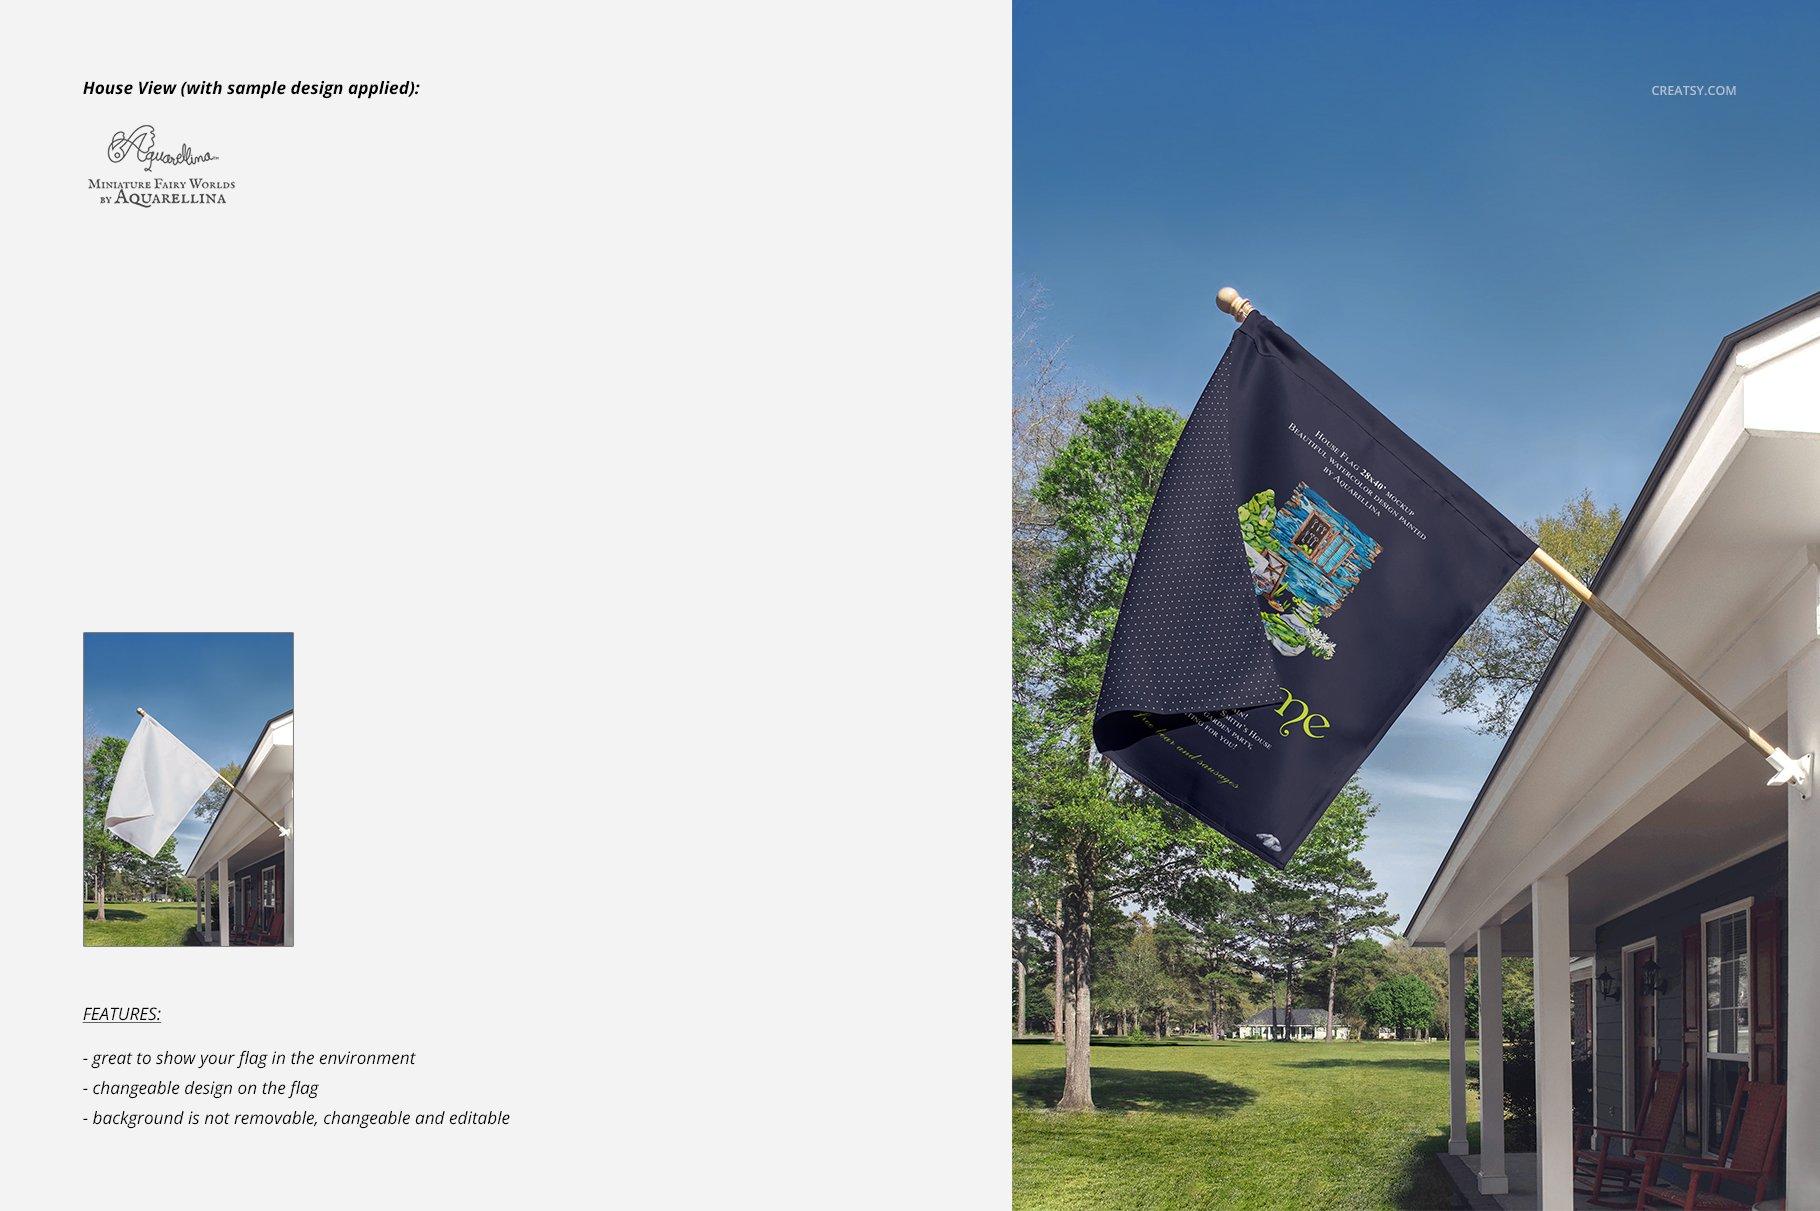 房屋悬挂旗帜设计展示图样机模板合集 Large House Flag Mockup Set插图(5)